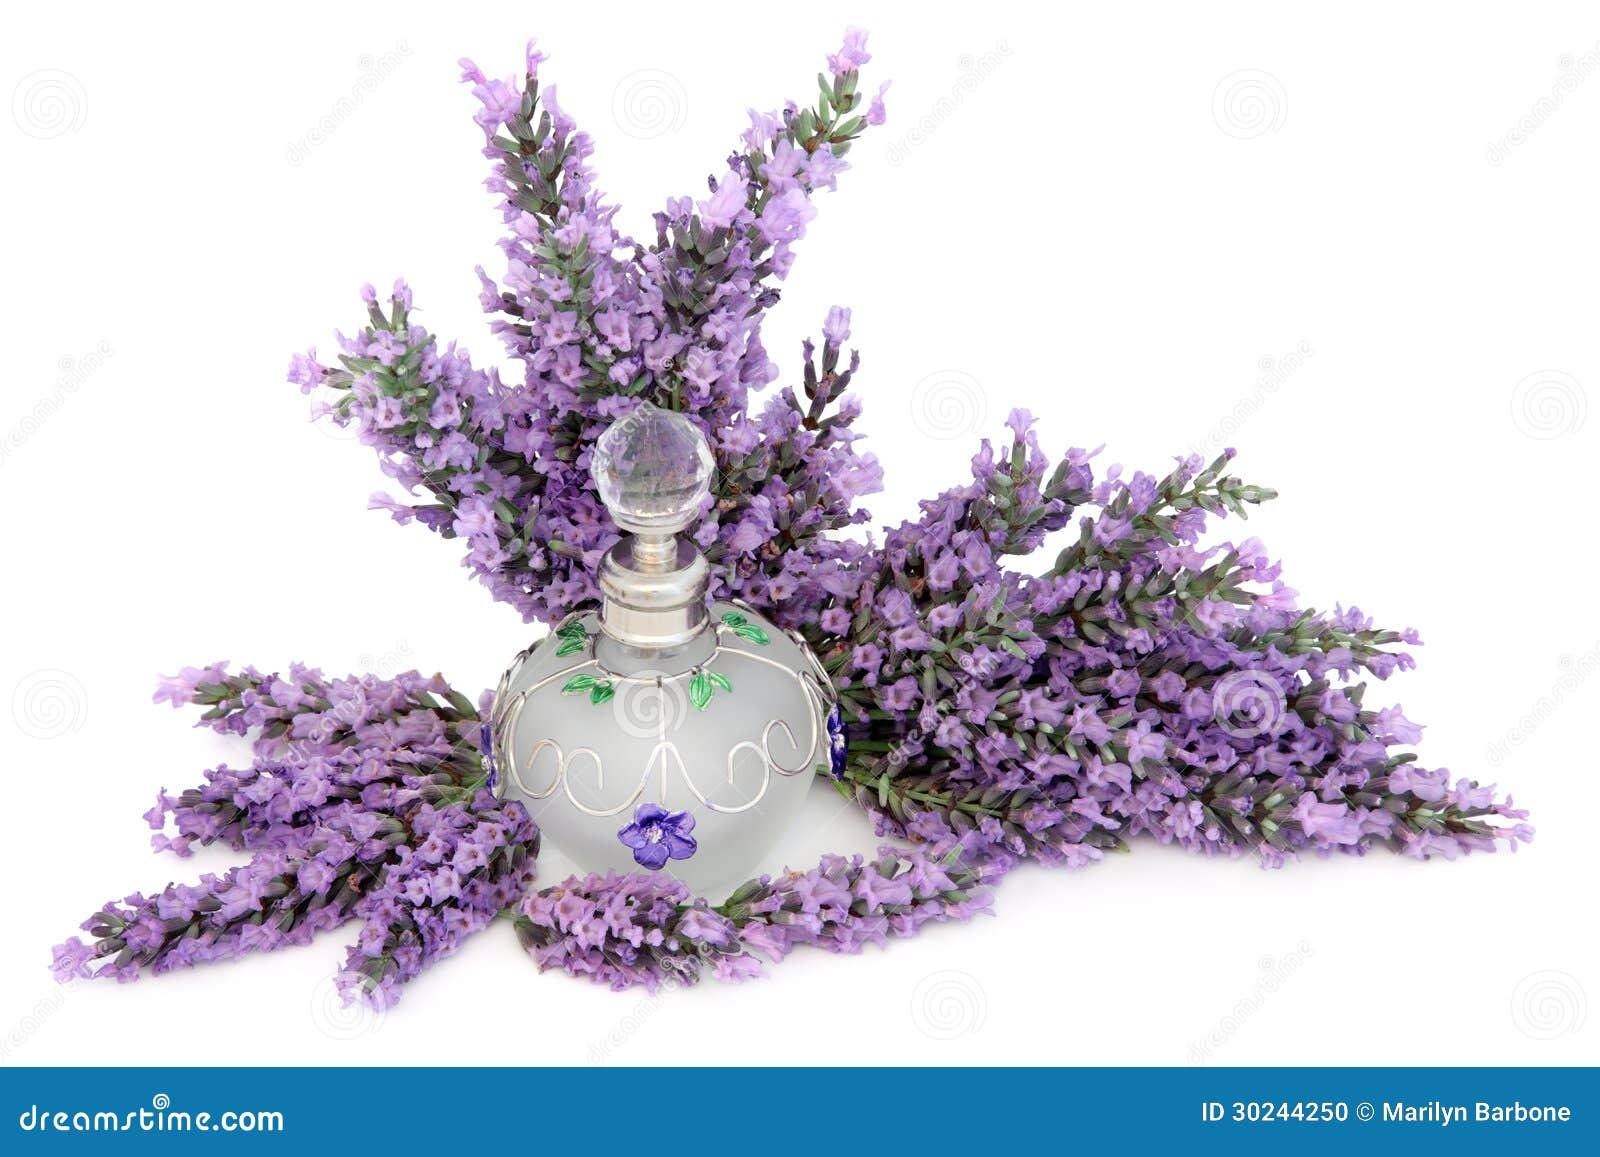 Olor de la flor de la lavanda foto de archivo imagen de for Fotos de lavanda